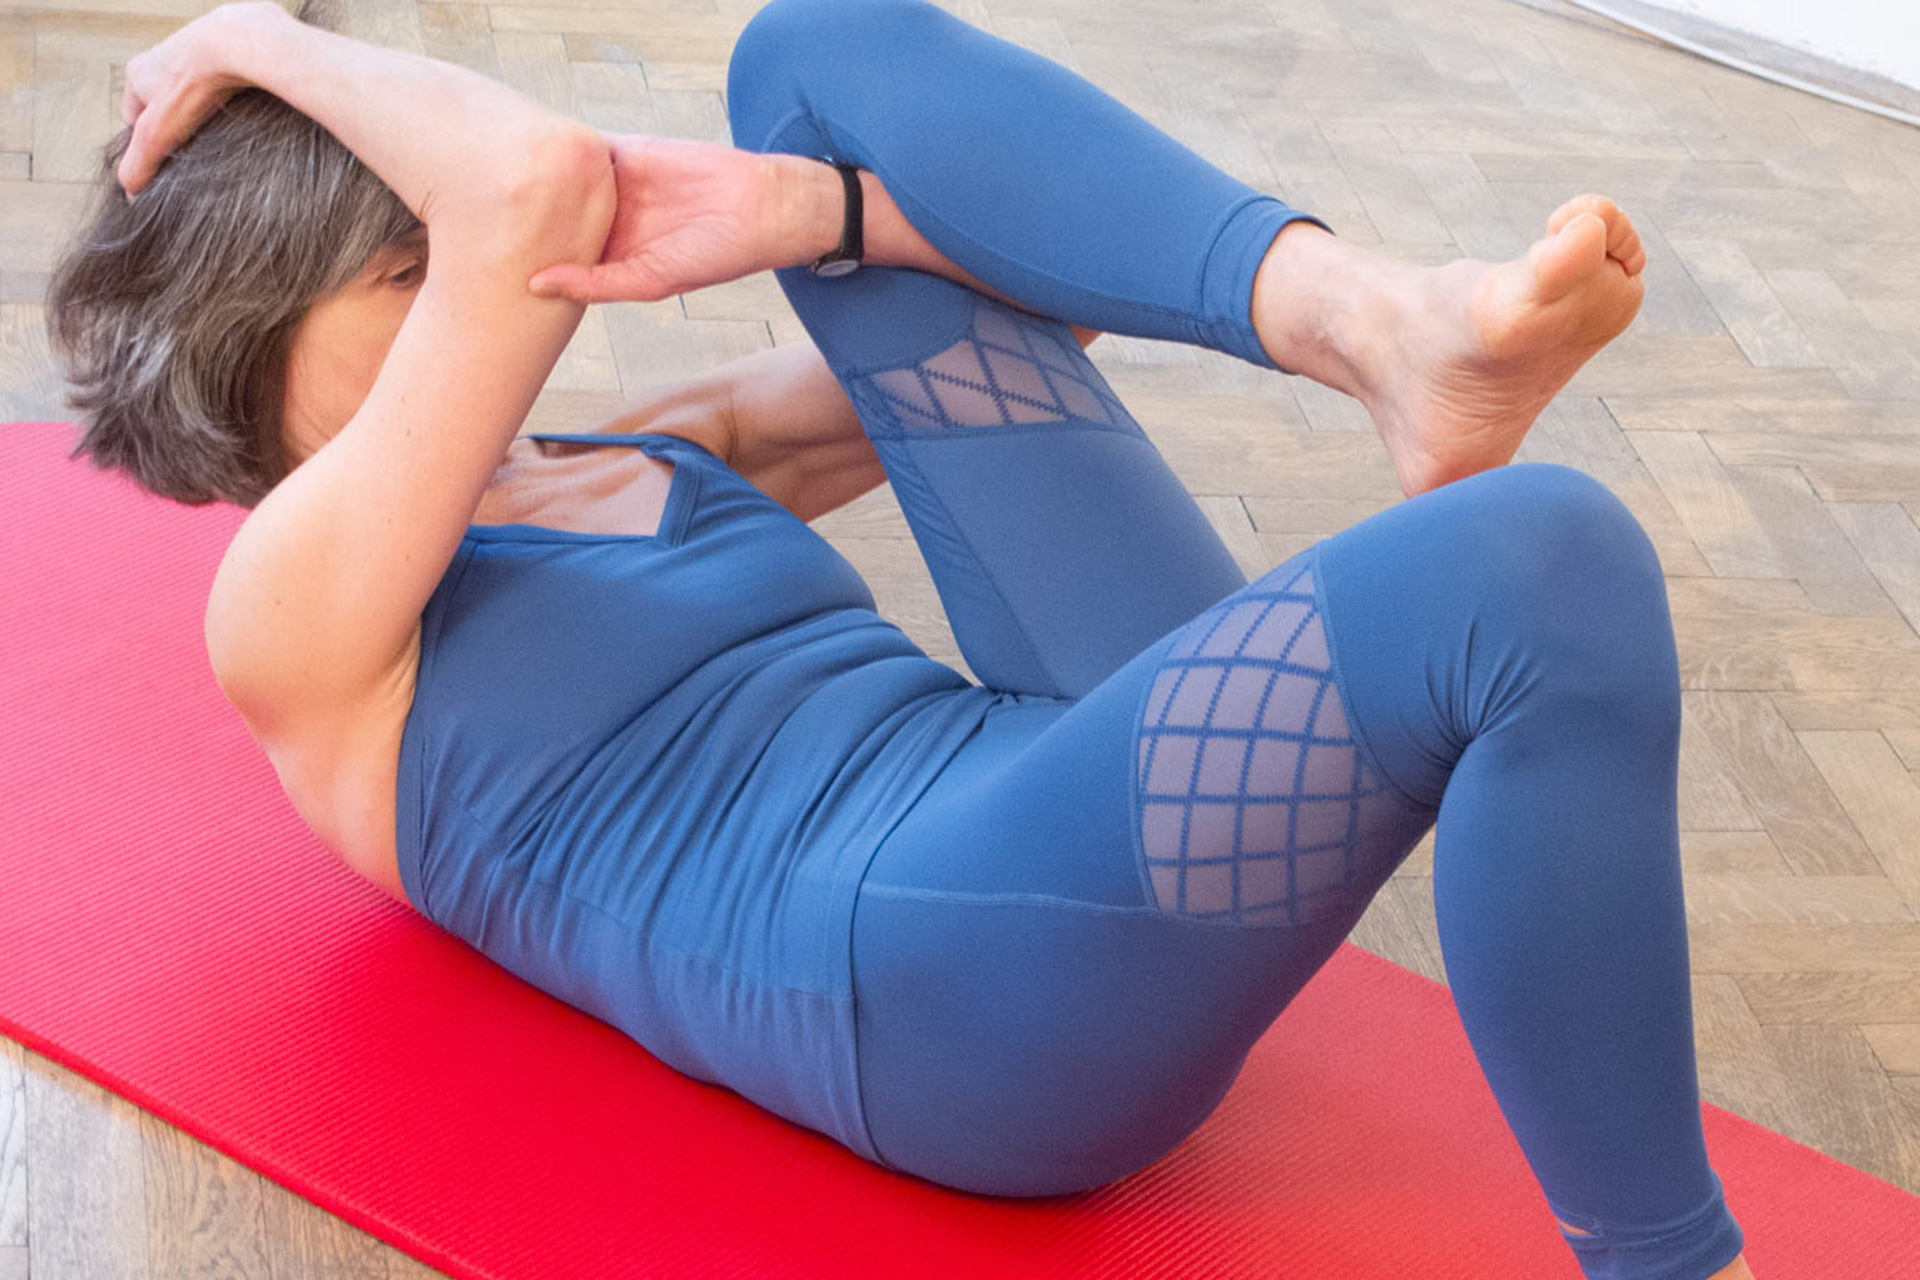 Hängematten Stretch Pilates Release Werkzeug Spine Stretch Forward Übung